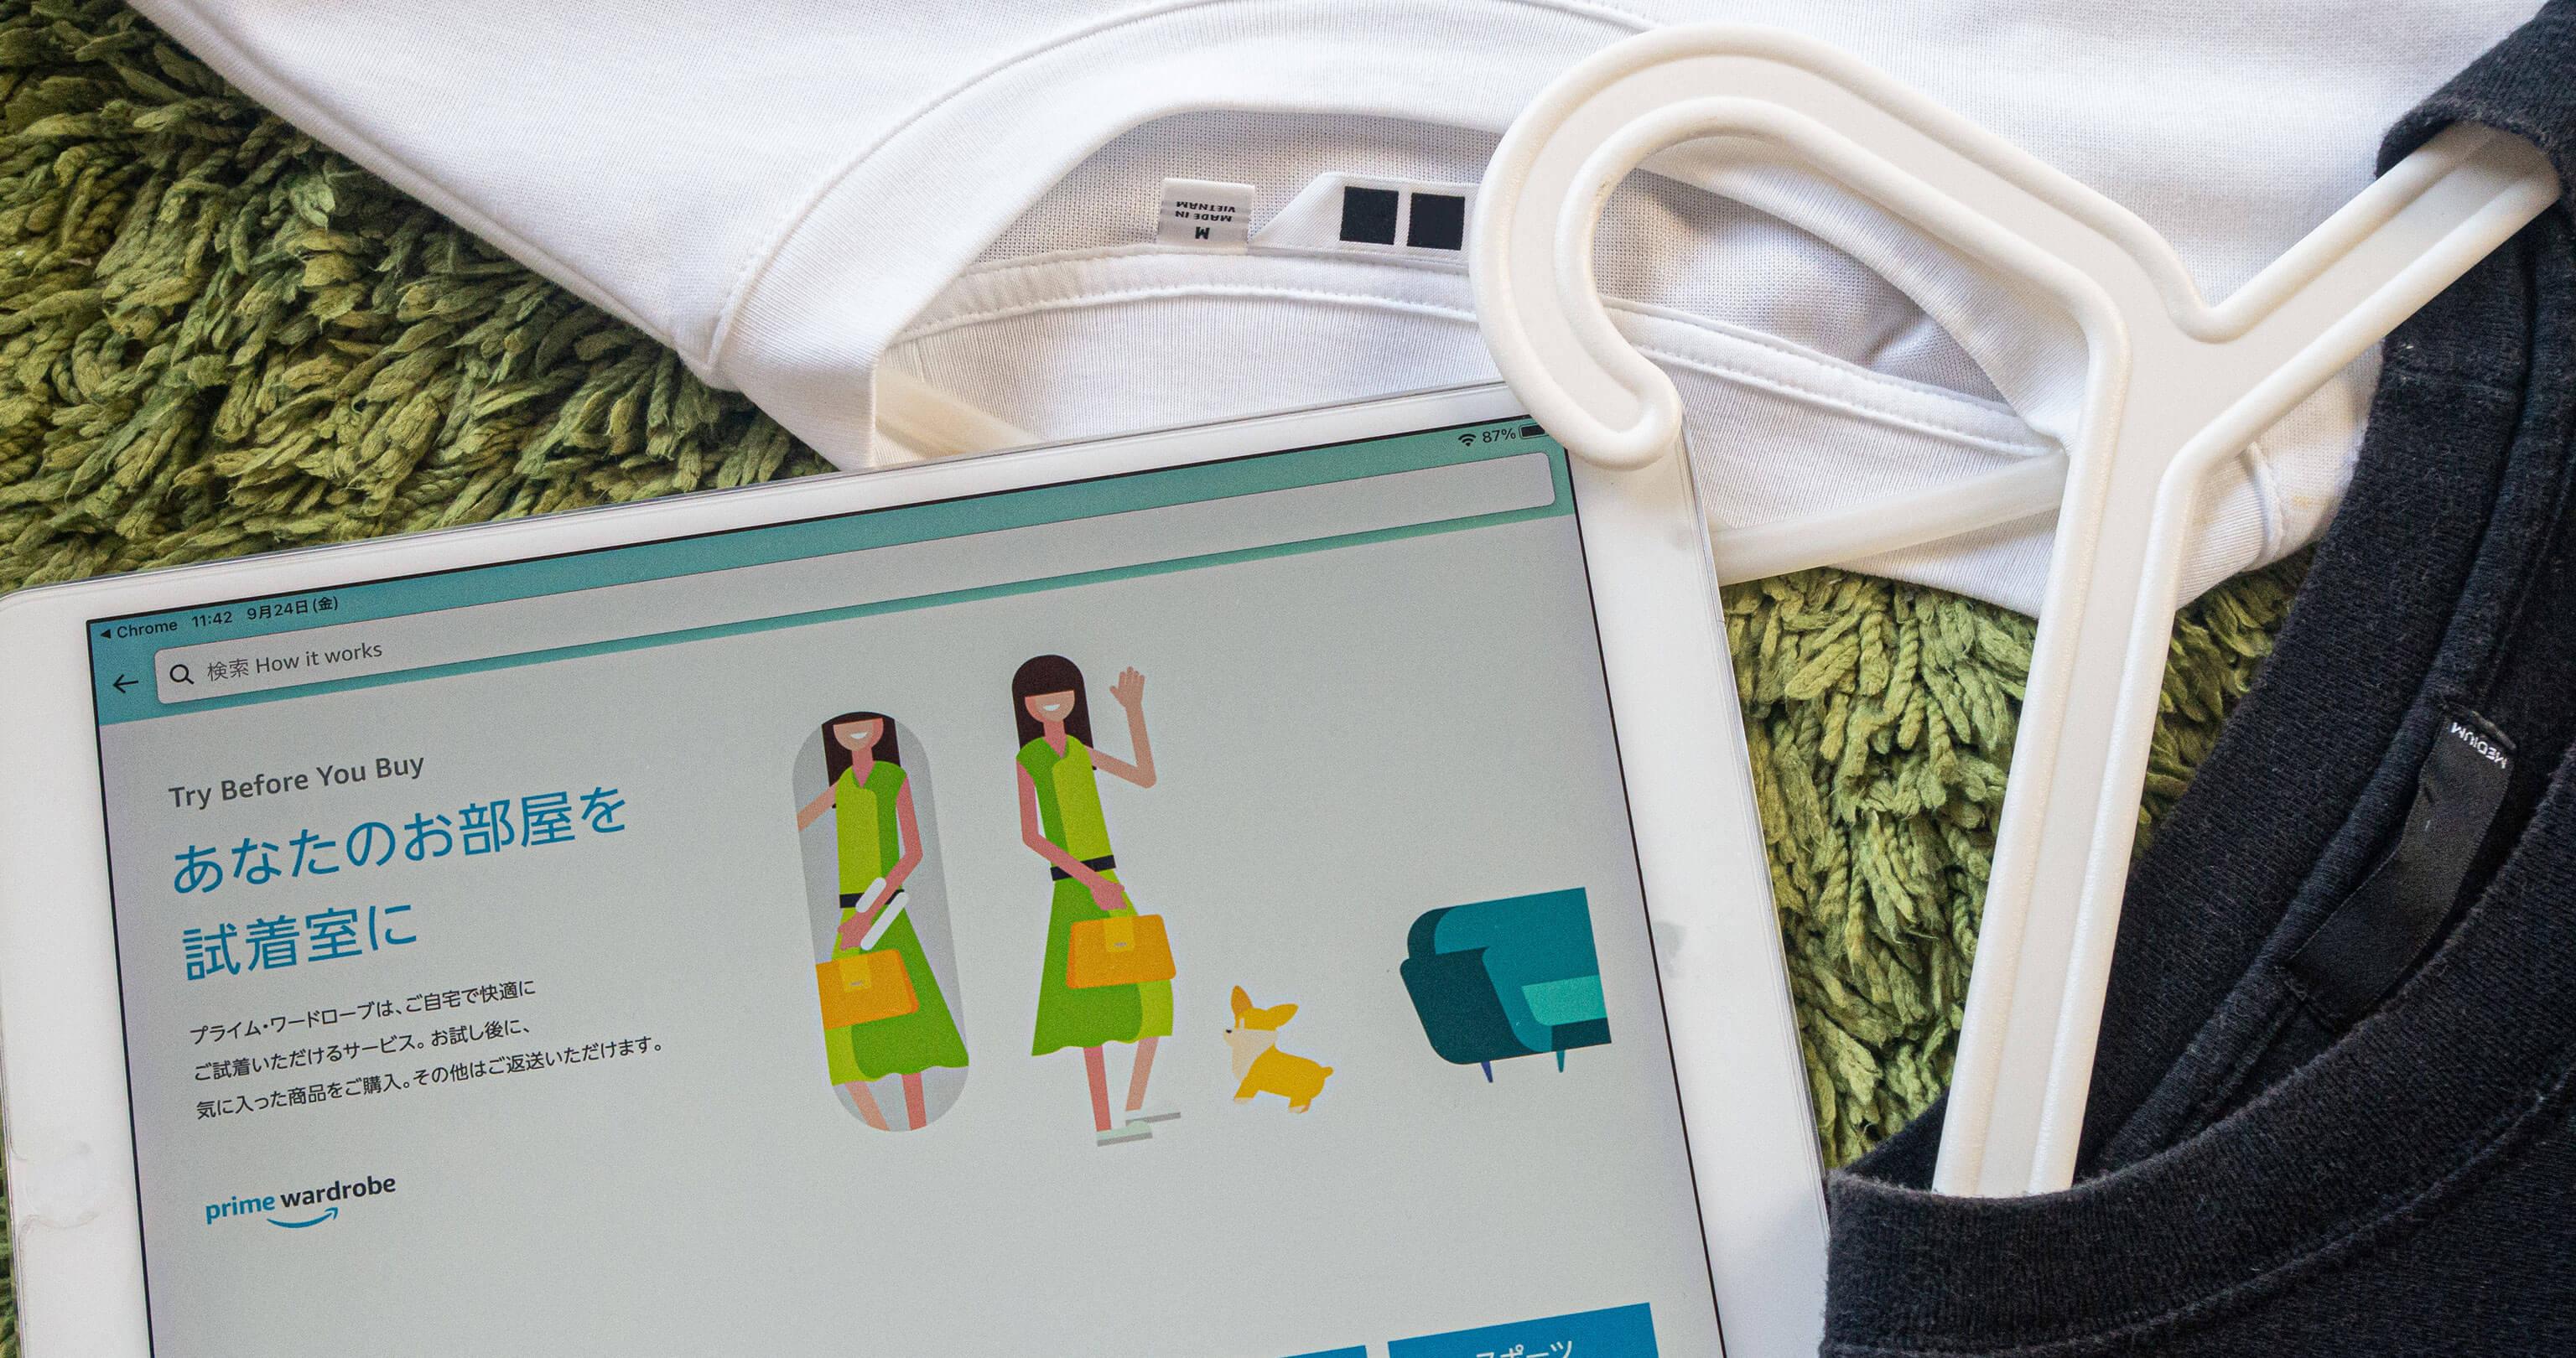 Amazonの試着サービスPrime Wardobe(プライム・ワードローブ)を試しに使ってみたら、かなり快適だった。